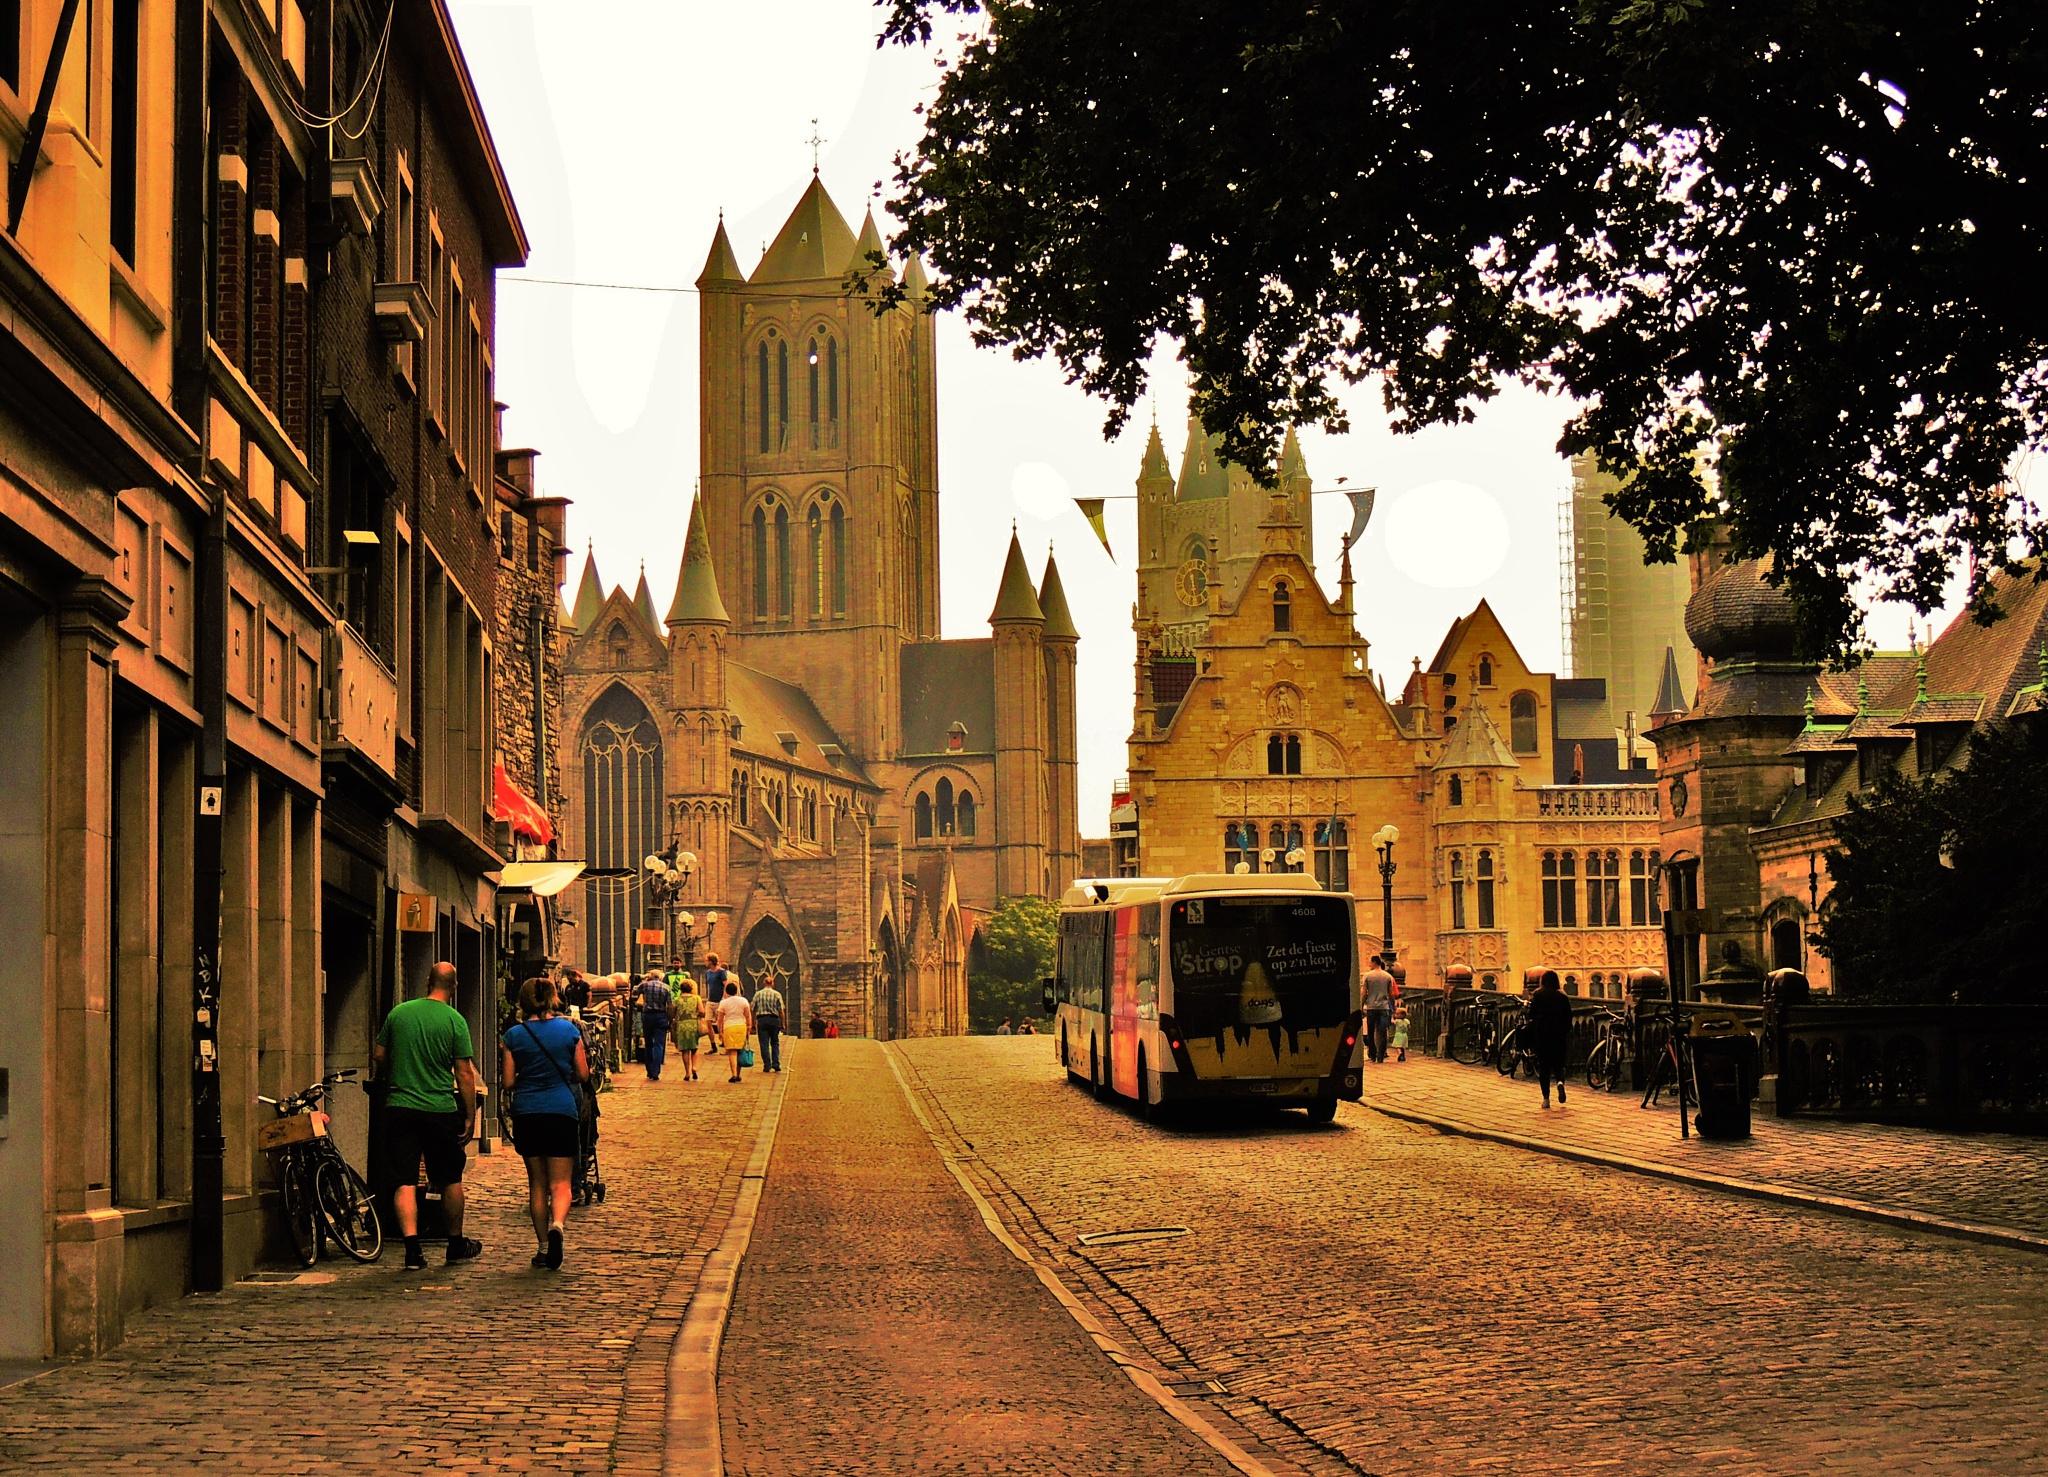 Saint Nicholas Church, Ghent by Rohit Chauhan